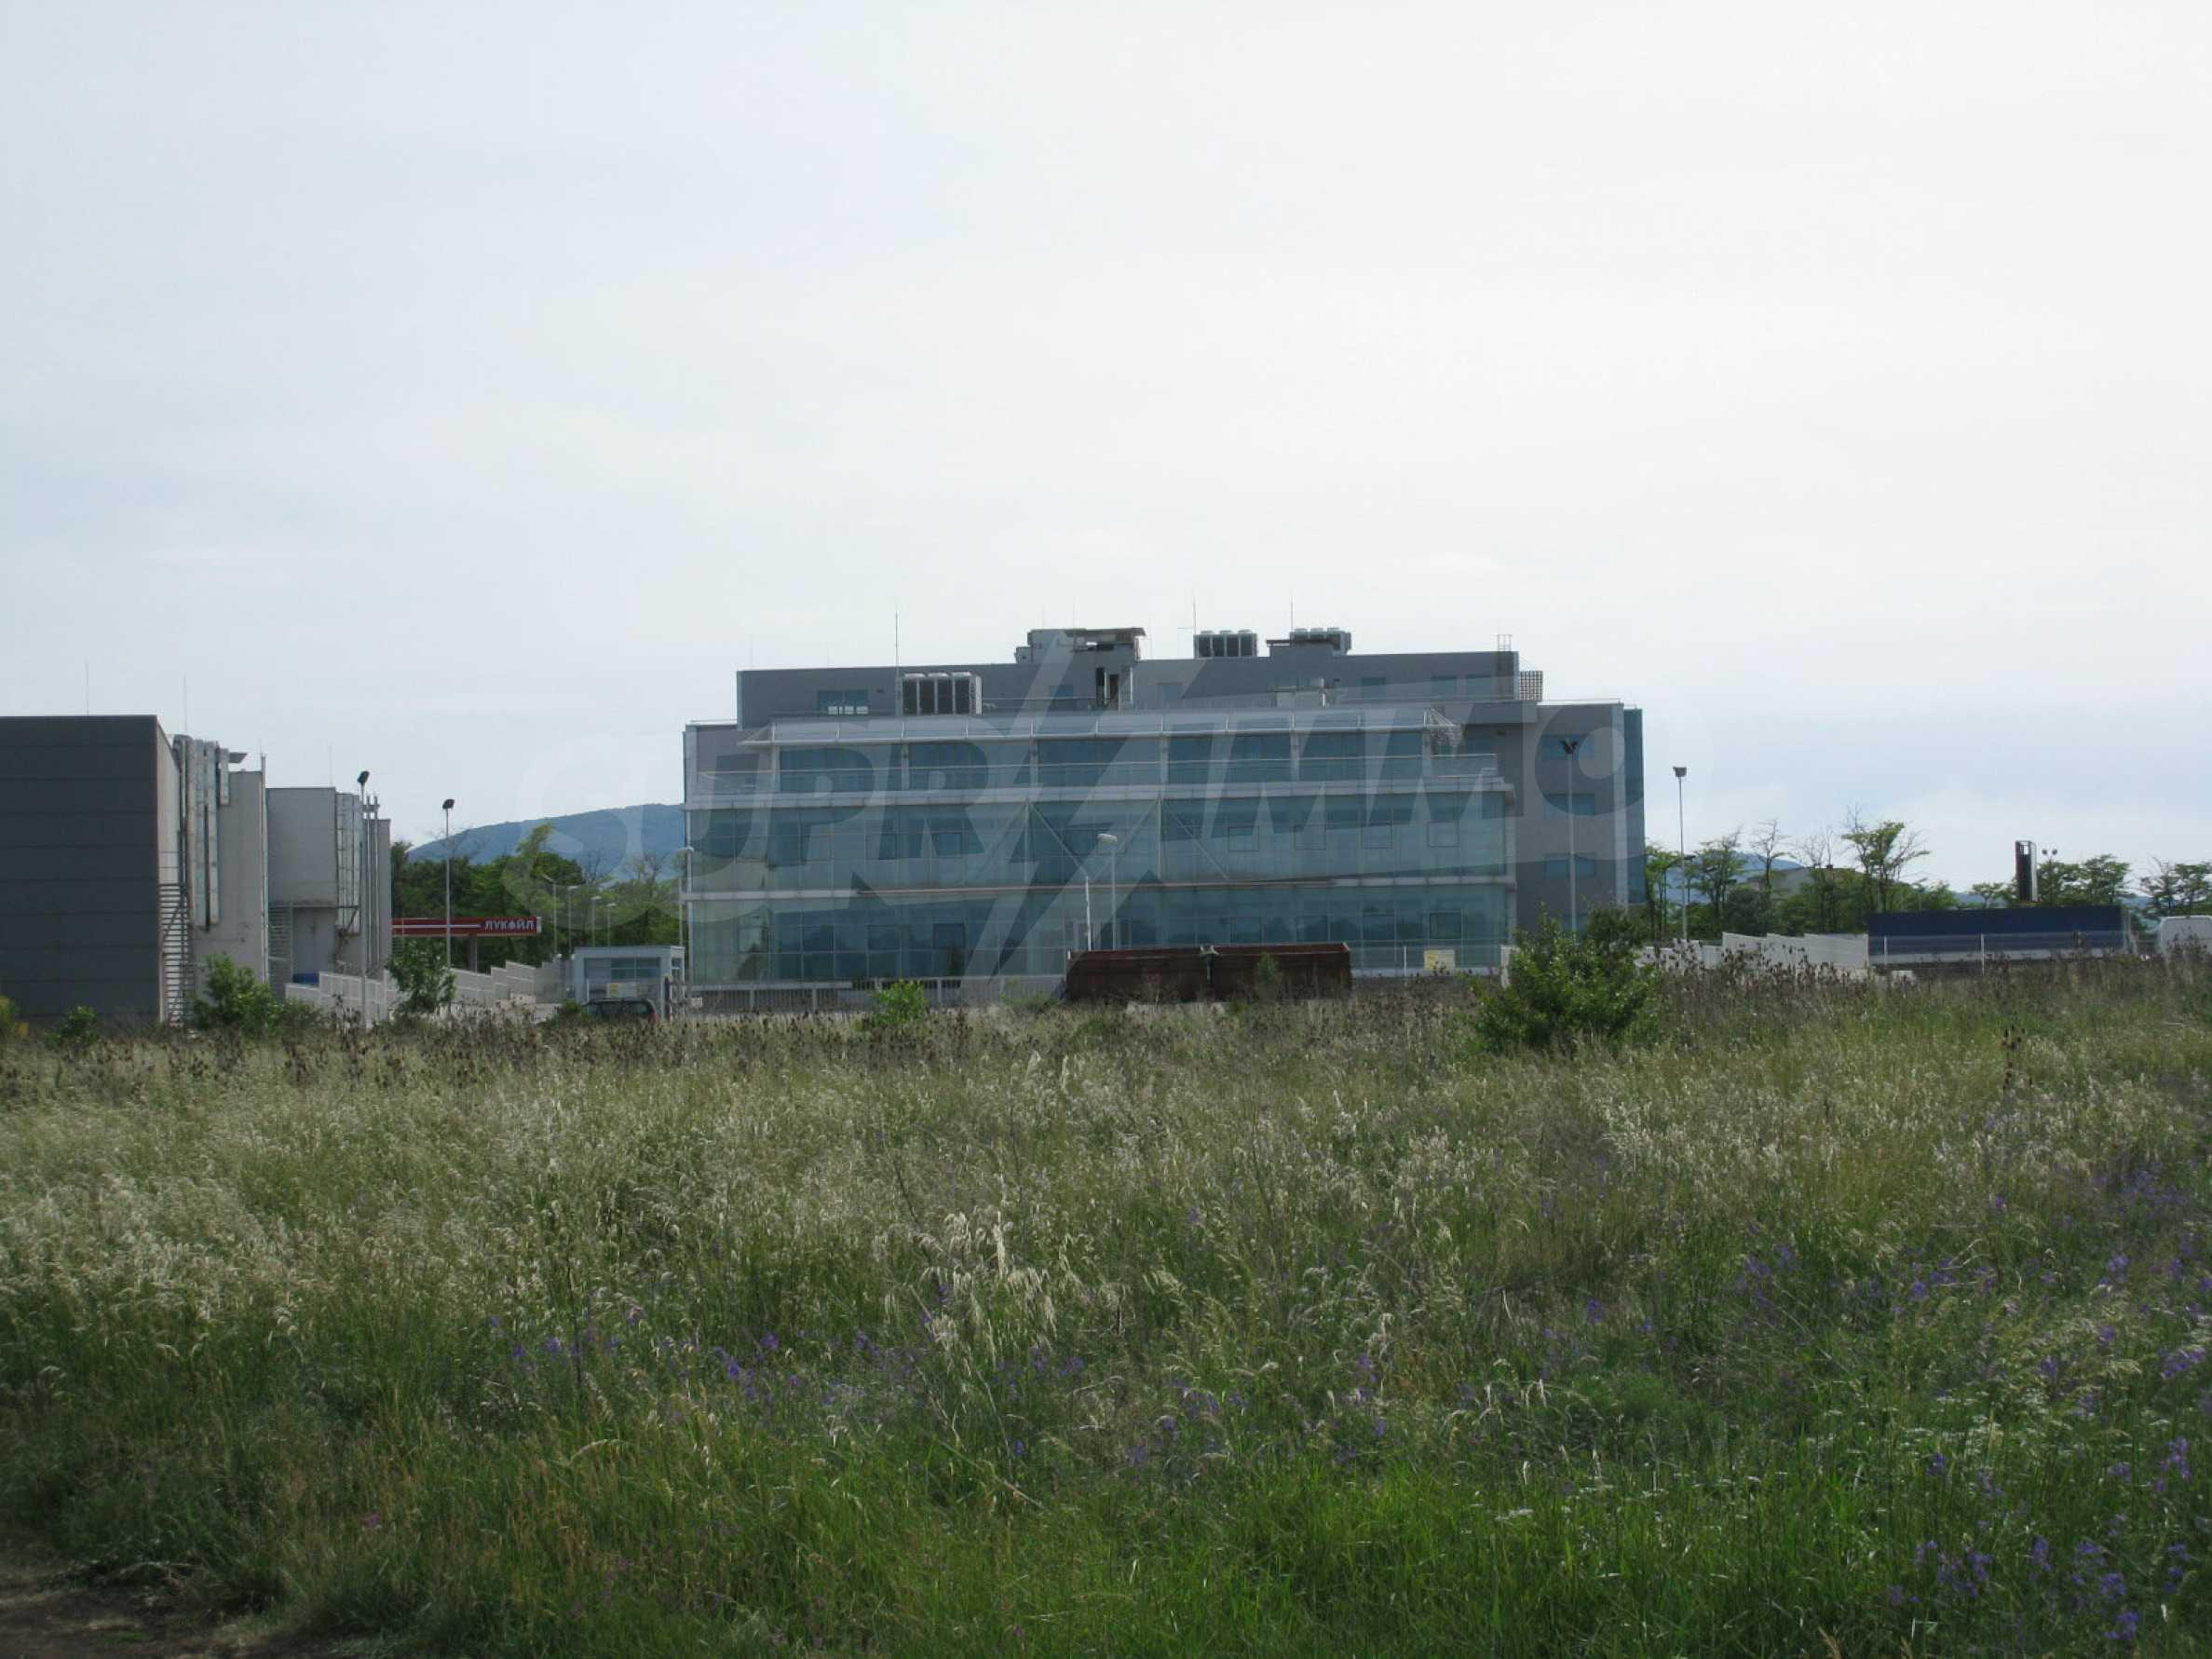 Investitionsgrundstück in der Nähe des Metro-Shops am Europe Blvd. 24